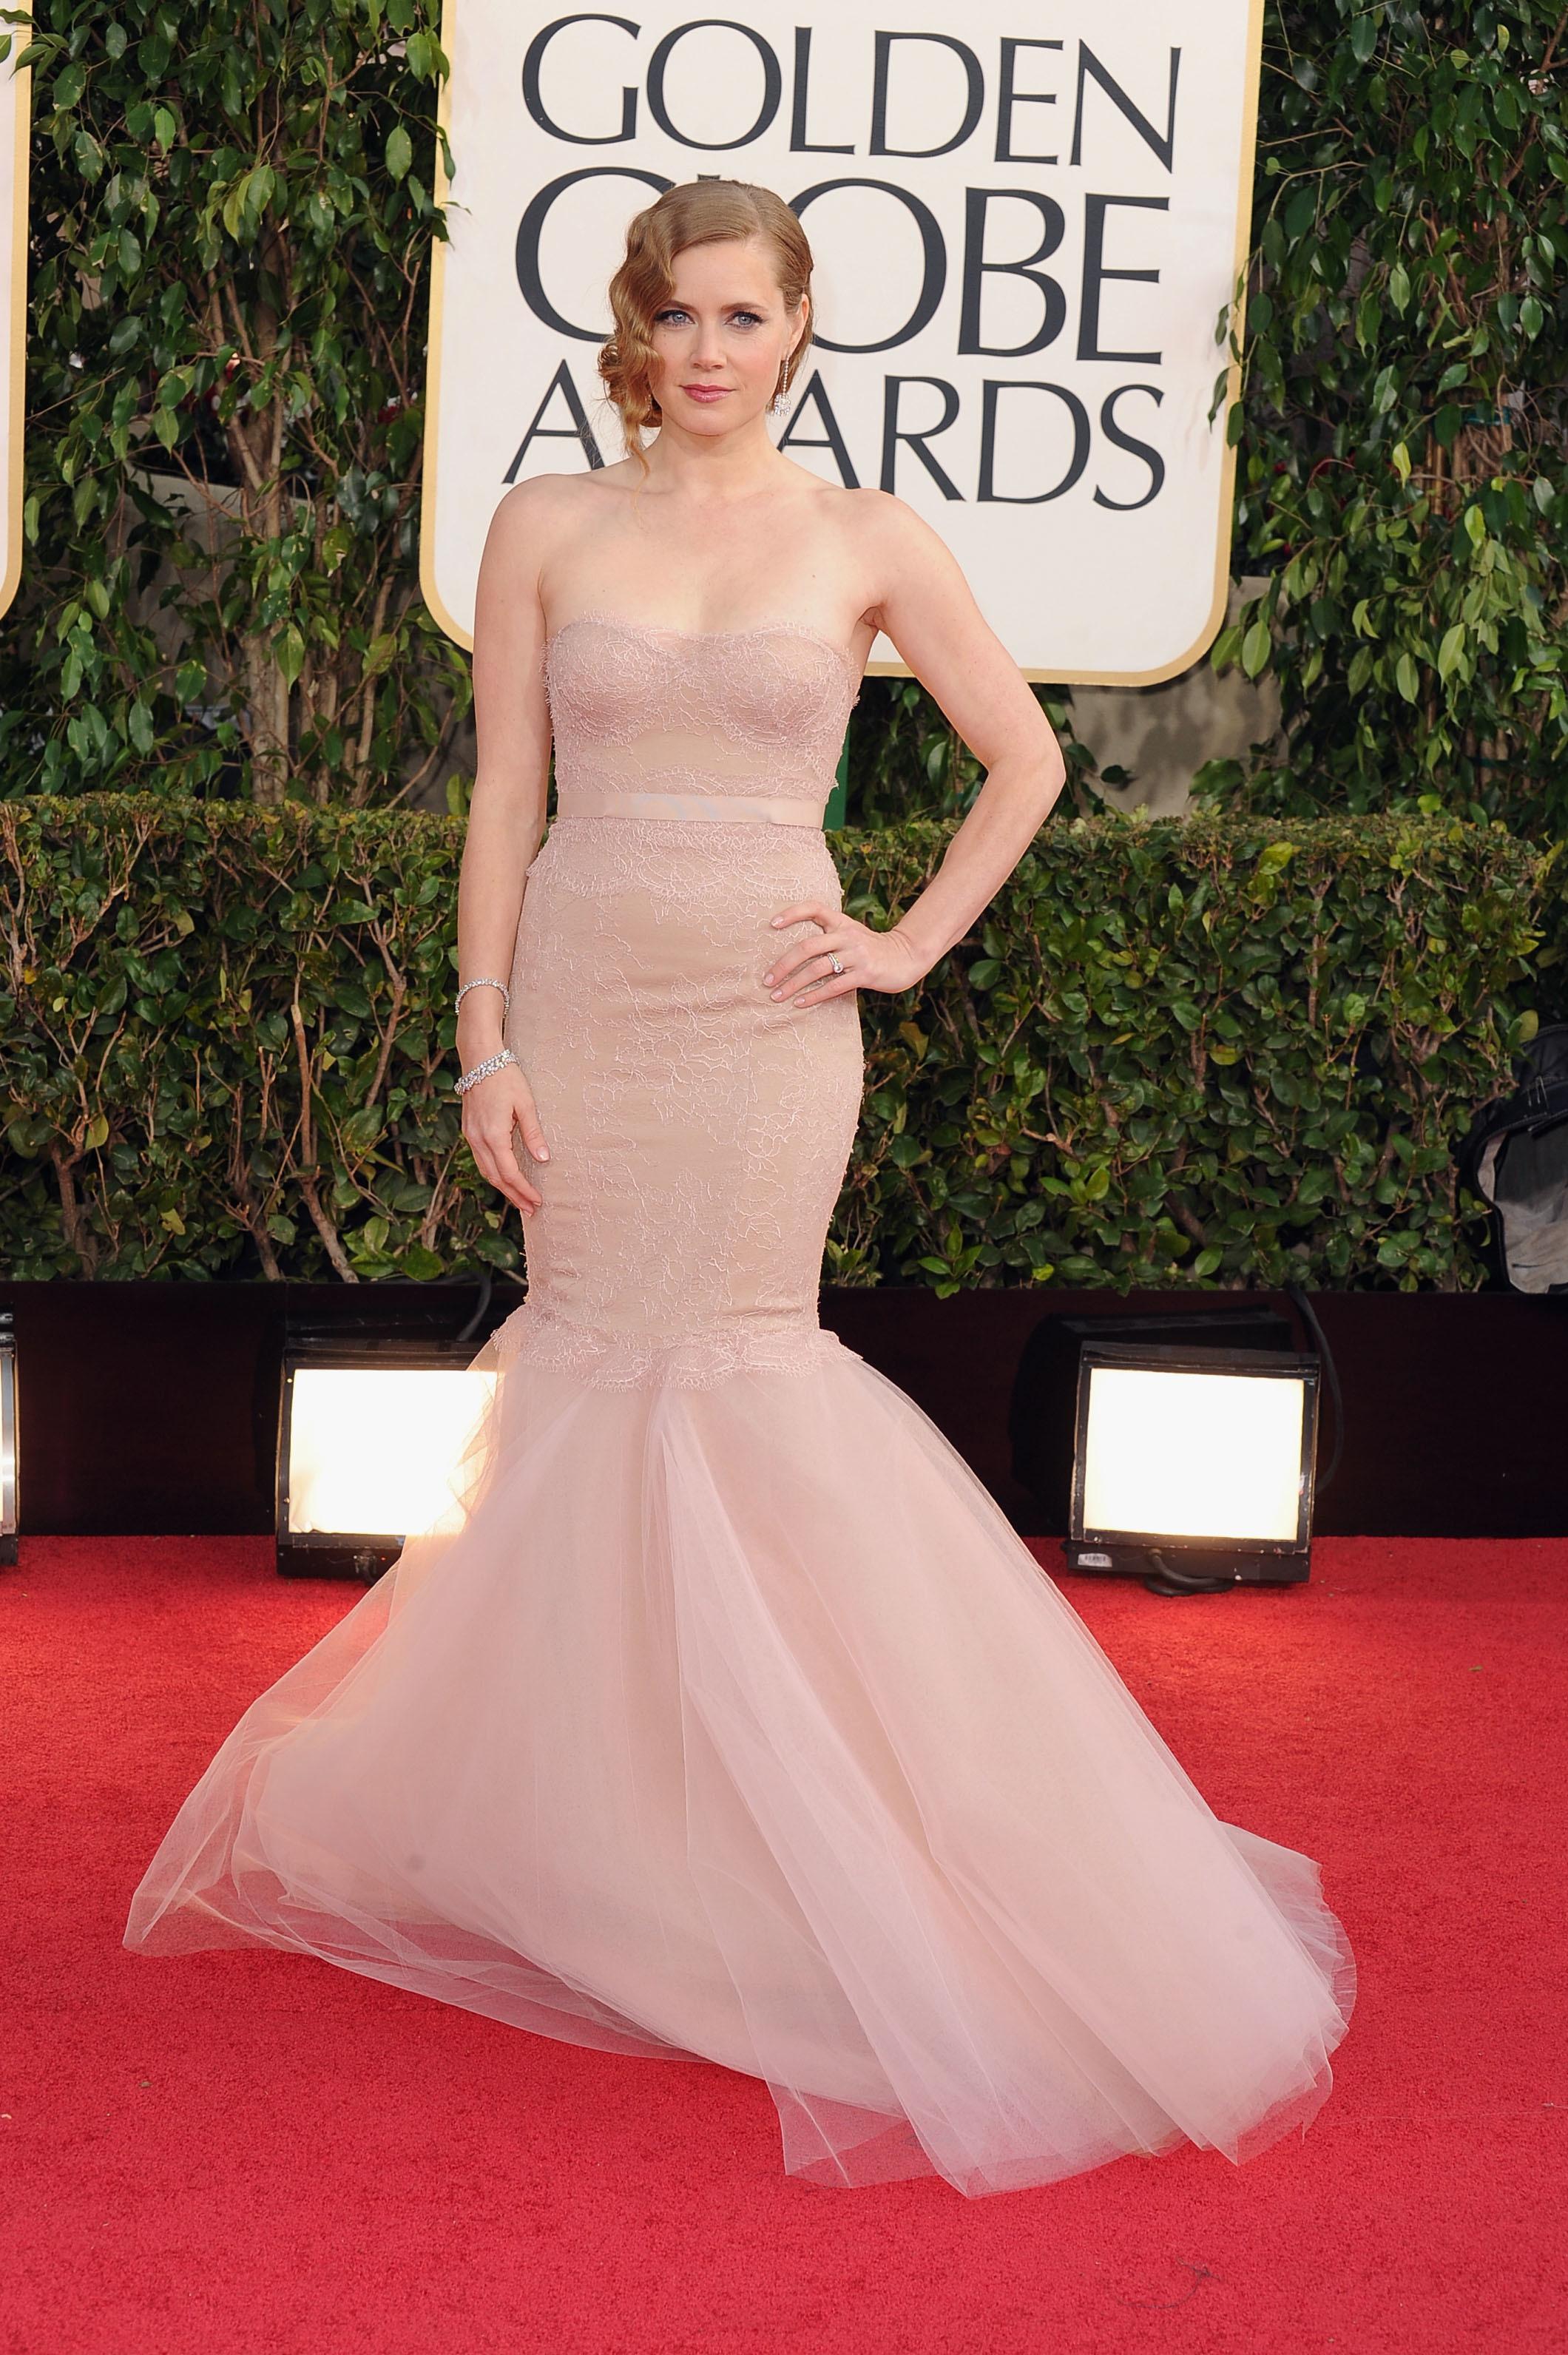 Amy Adams nude dress 2013 Golden Globes